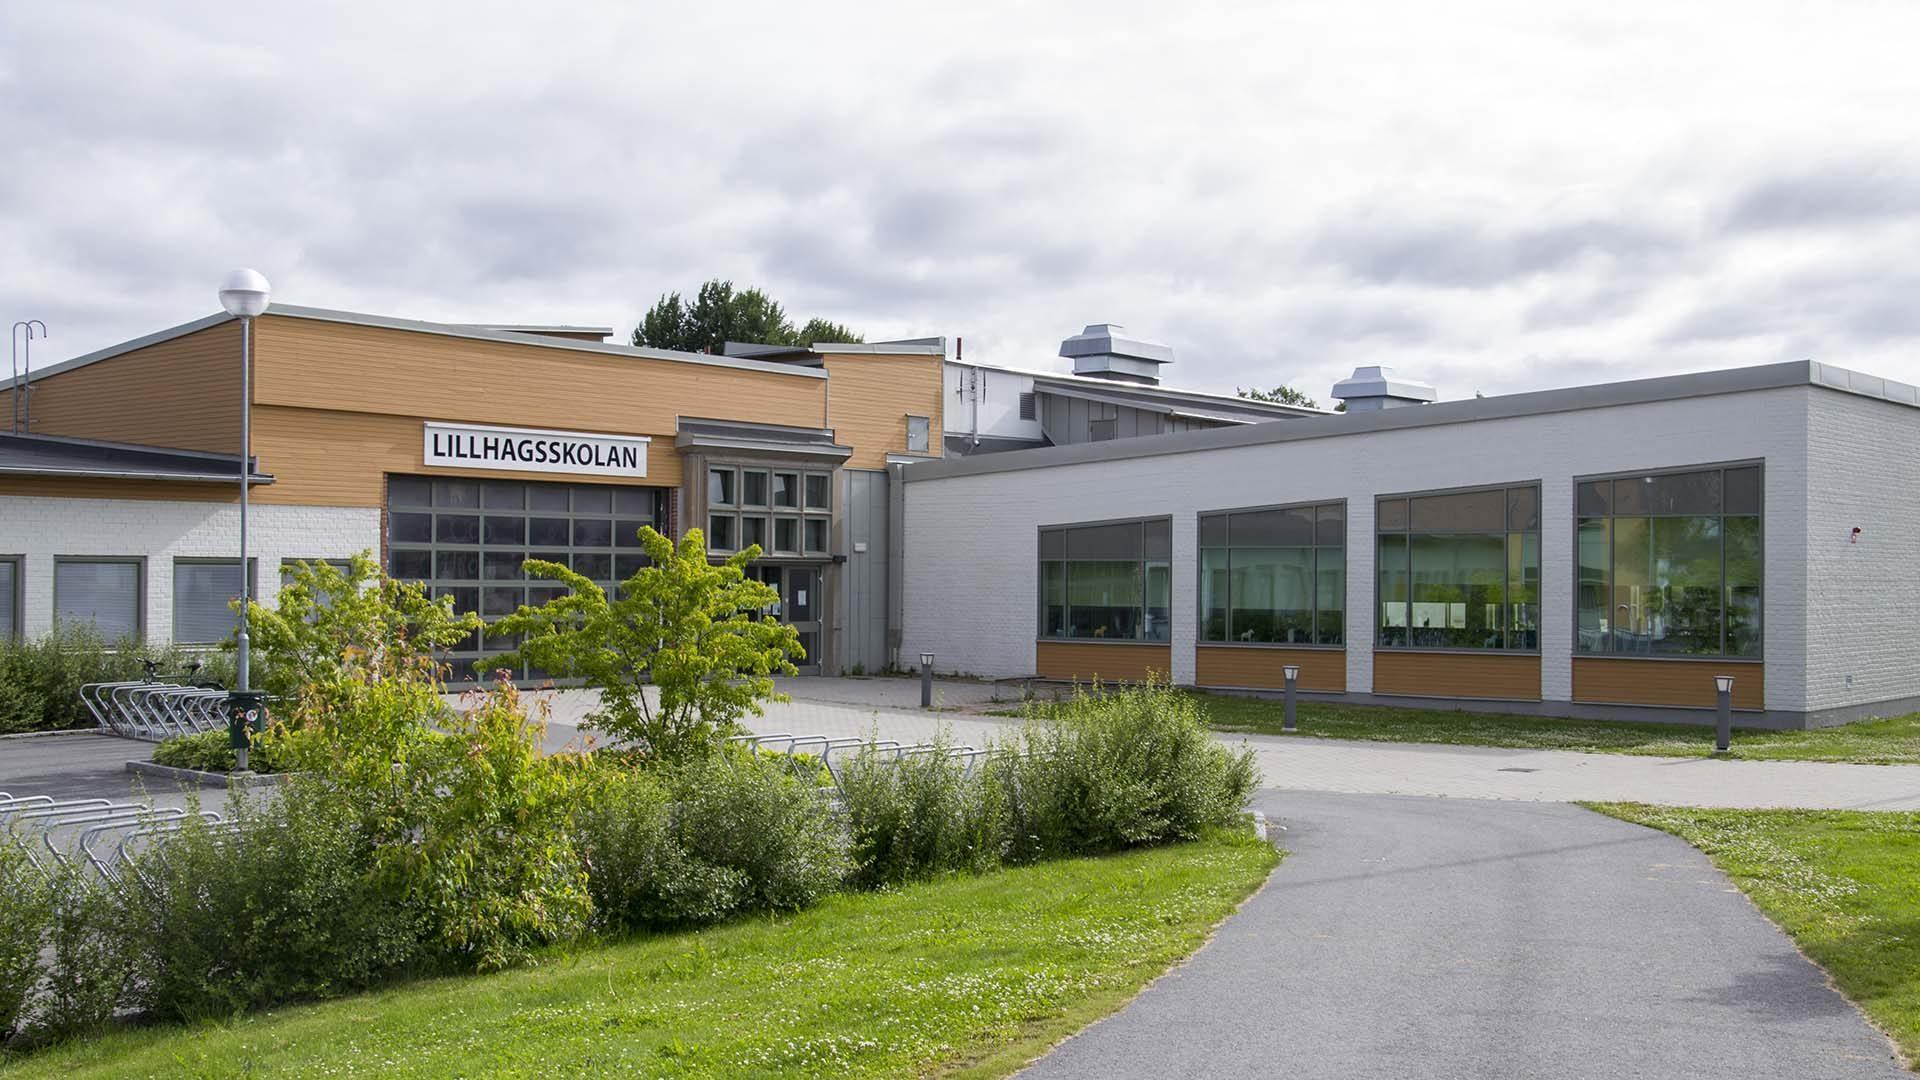 Lillhagsskolan från utsidan